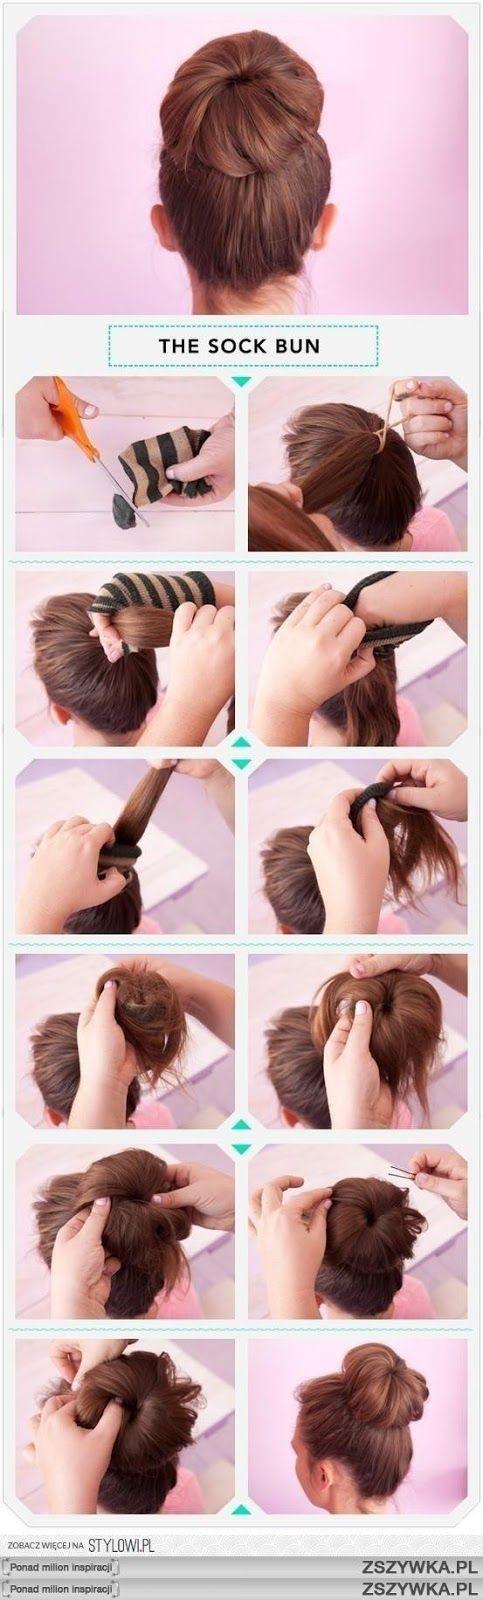 Hair and Food   Piękne włosy i zdrowe żywienie: Mnóstwo fryzur na sylwestra i nie tylko - łatwe tutoriale